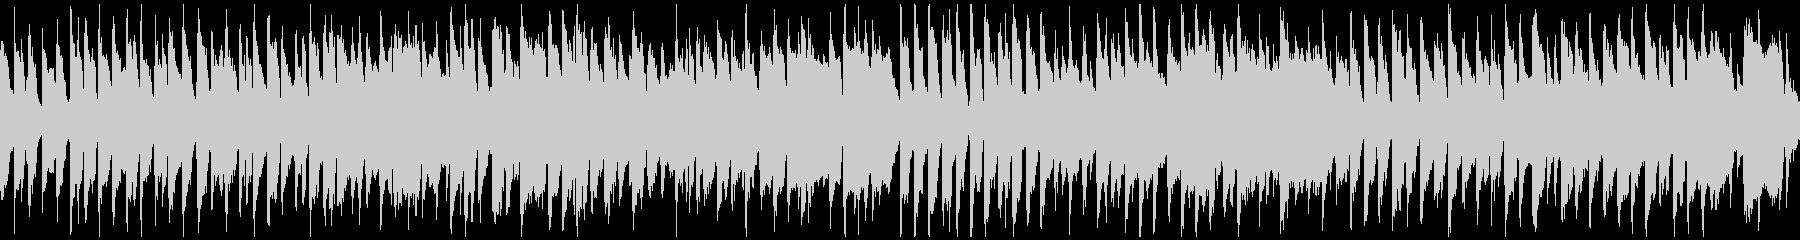 ほのぼのリコーダーのポップス ※ループ版の未再生の波形